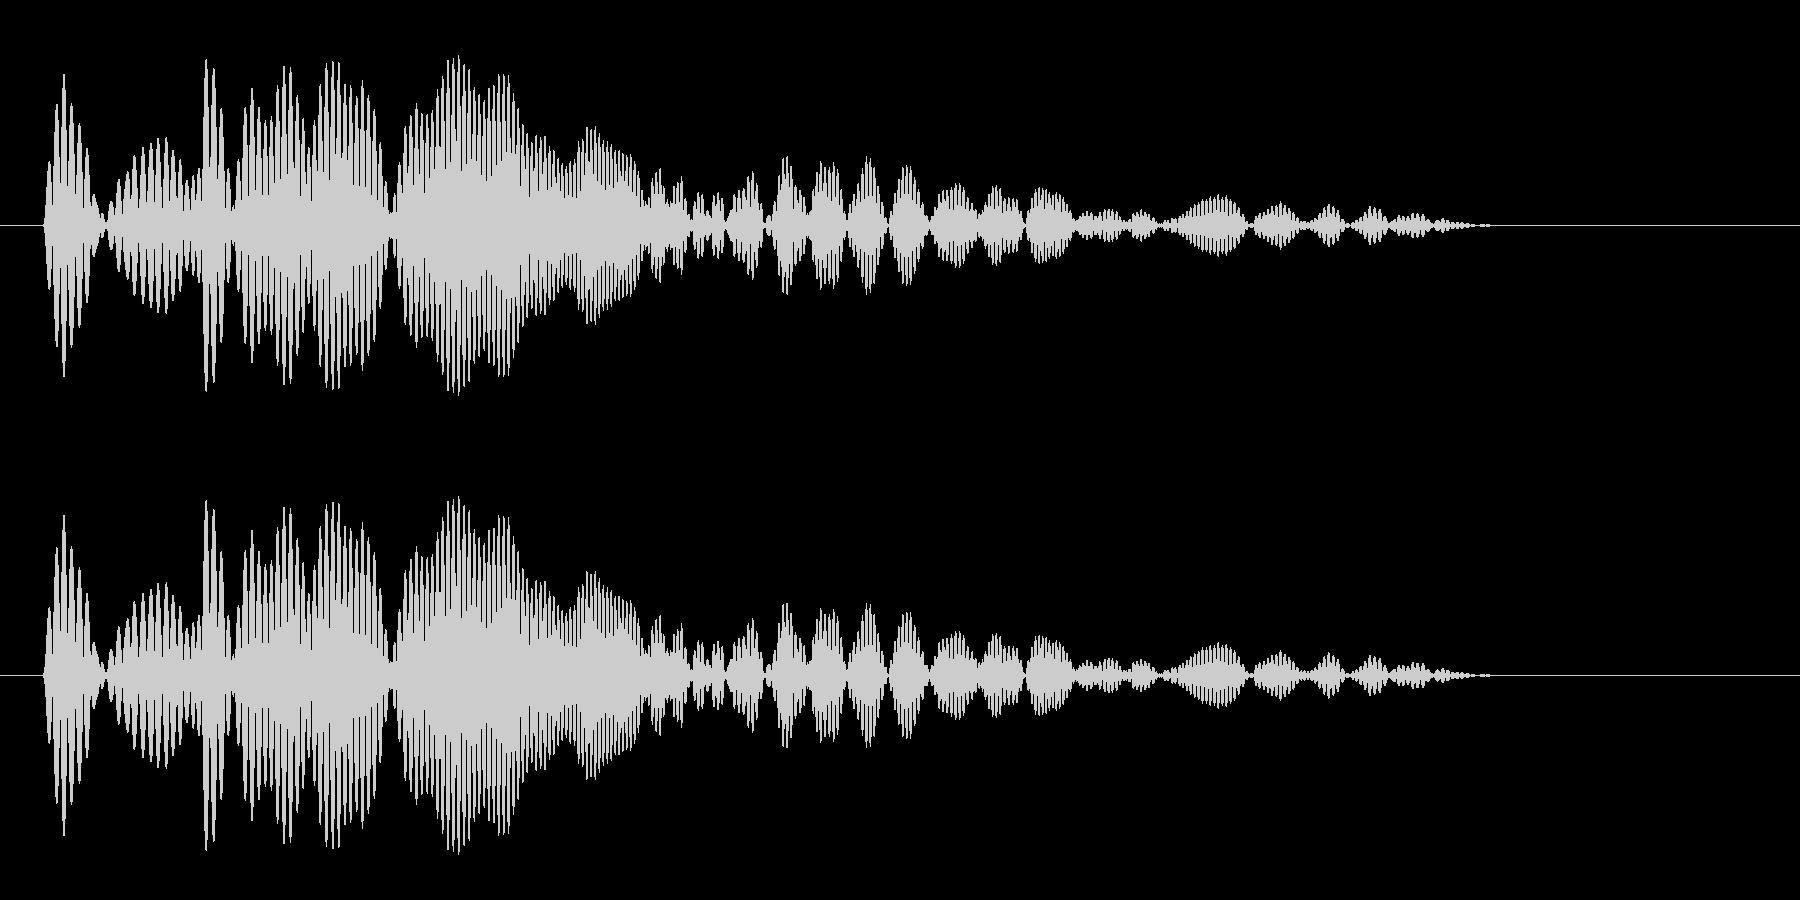 プワーン(シンプルでかわいらしい決定音)の未再生の波形